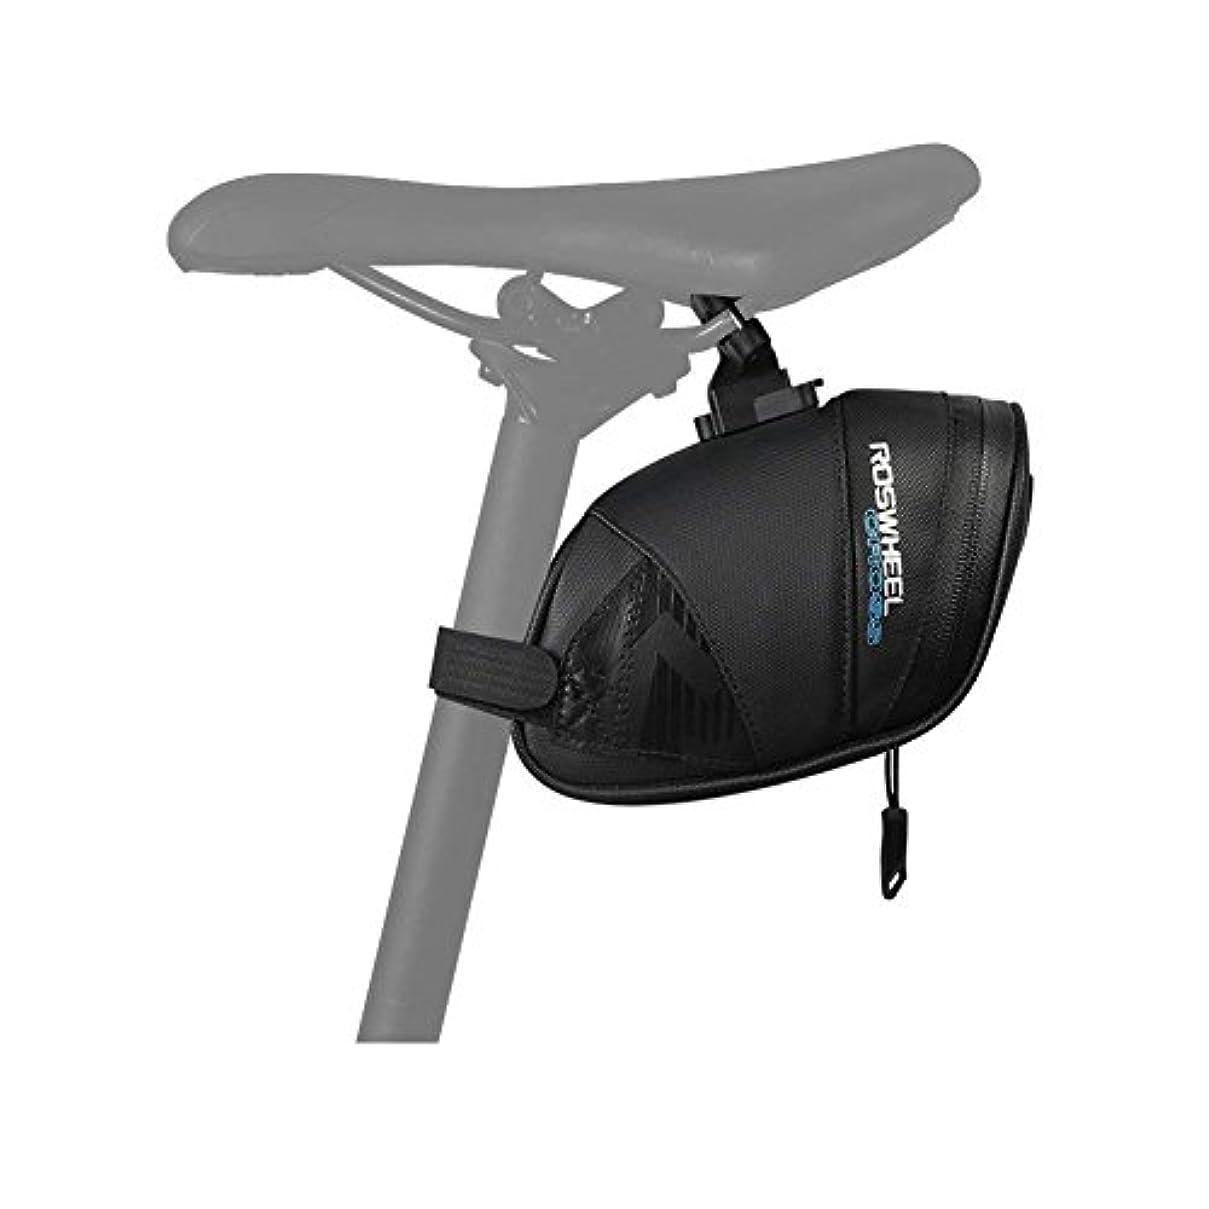 フィードバック機械的性別AutoWT Roswheel サイクリングフレーム パニエ 携帯電話バッグ バイク フロントトップチューブ タッチスクリーン サドルバッグ ラック マウンテンロード 自転車パック ダブルポーチ マウント スマートフォン用電話バッグ